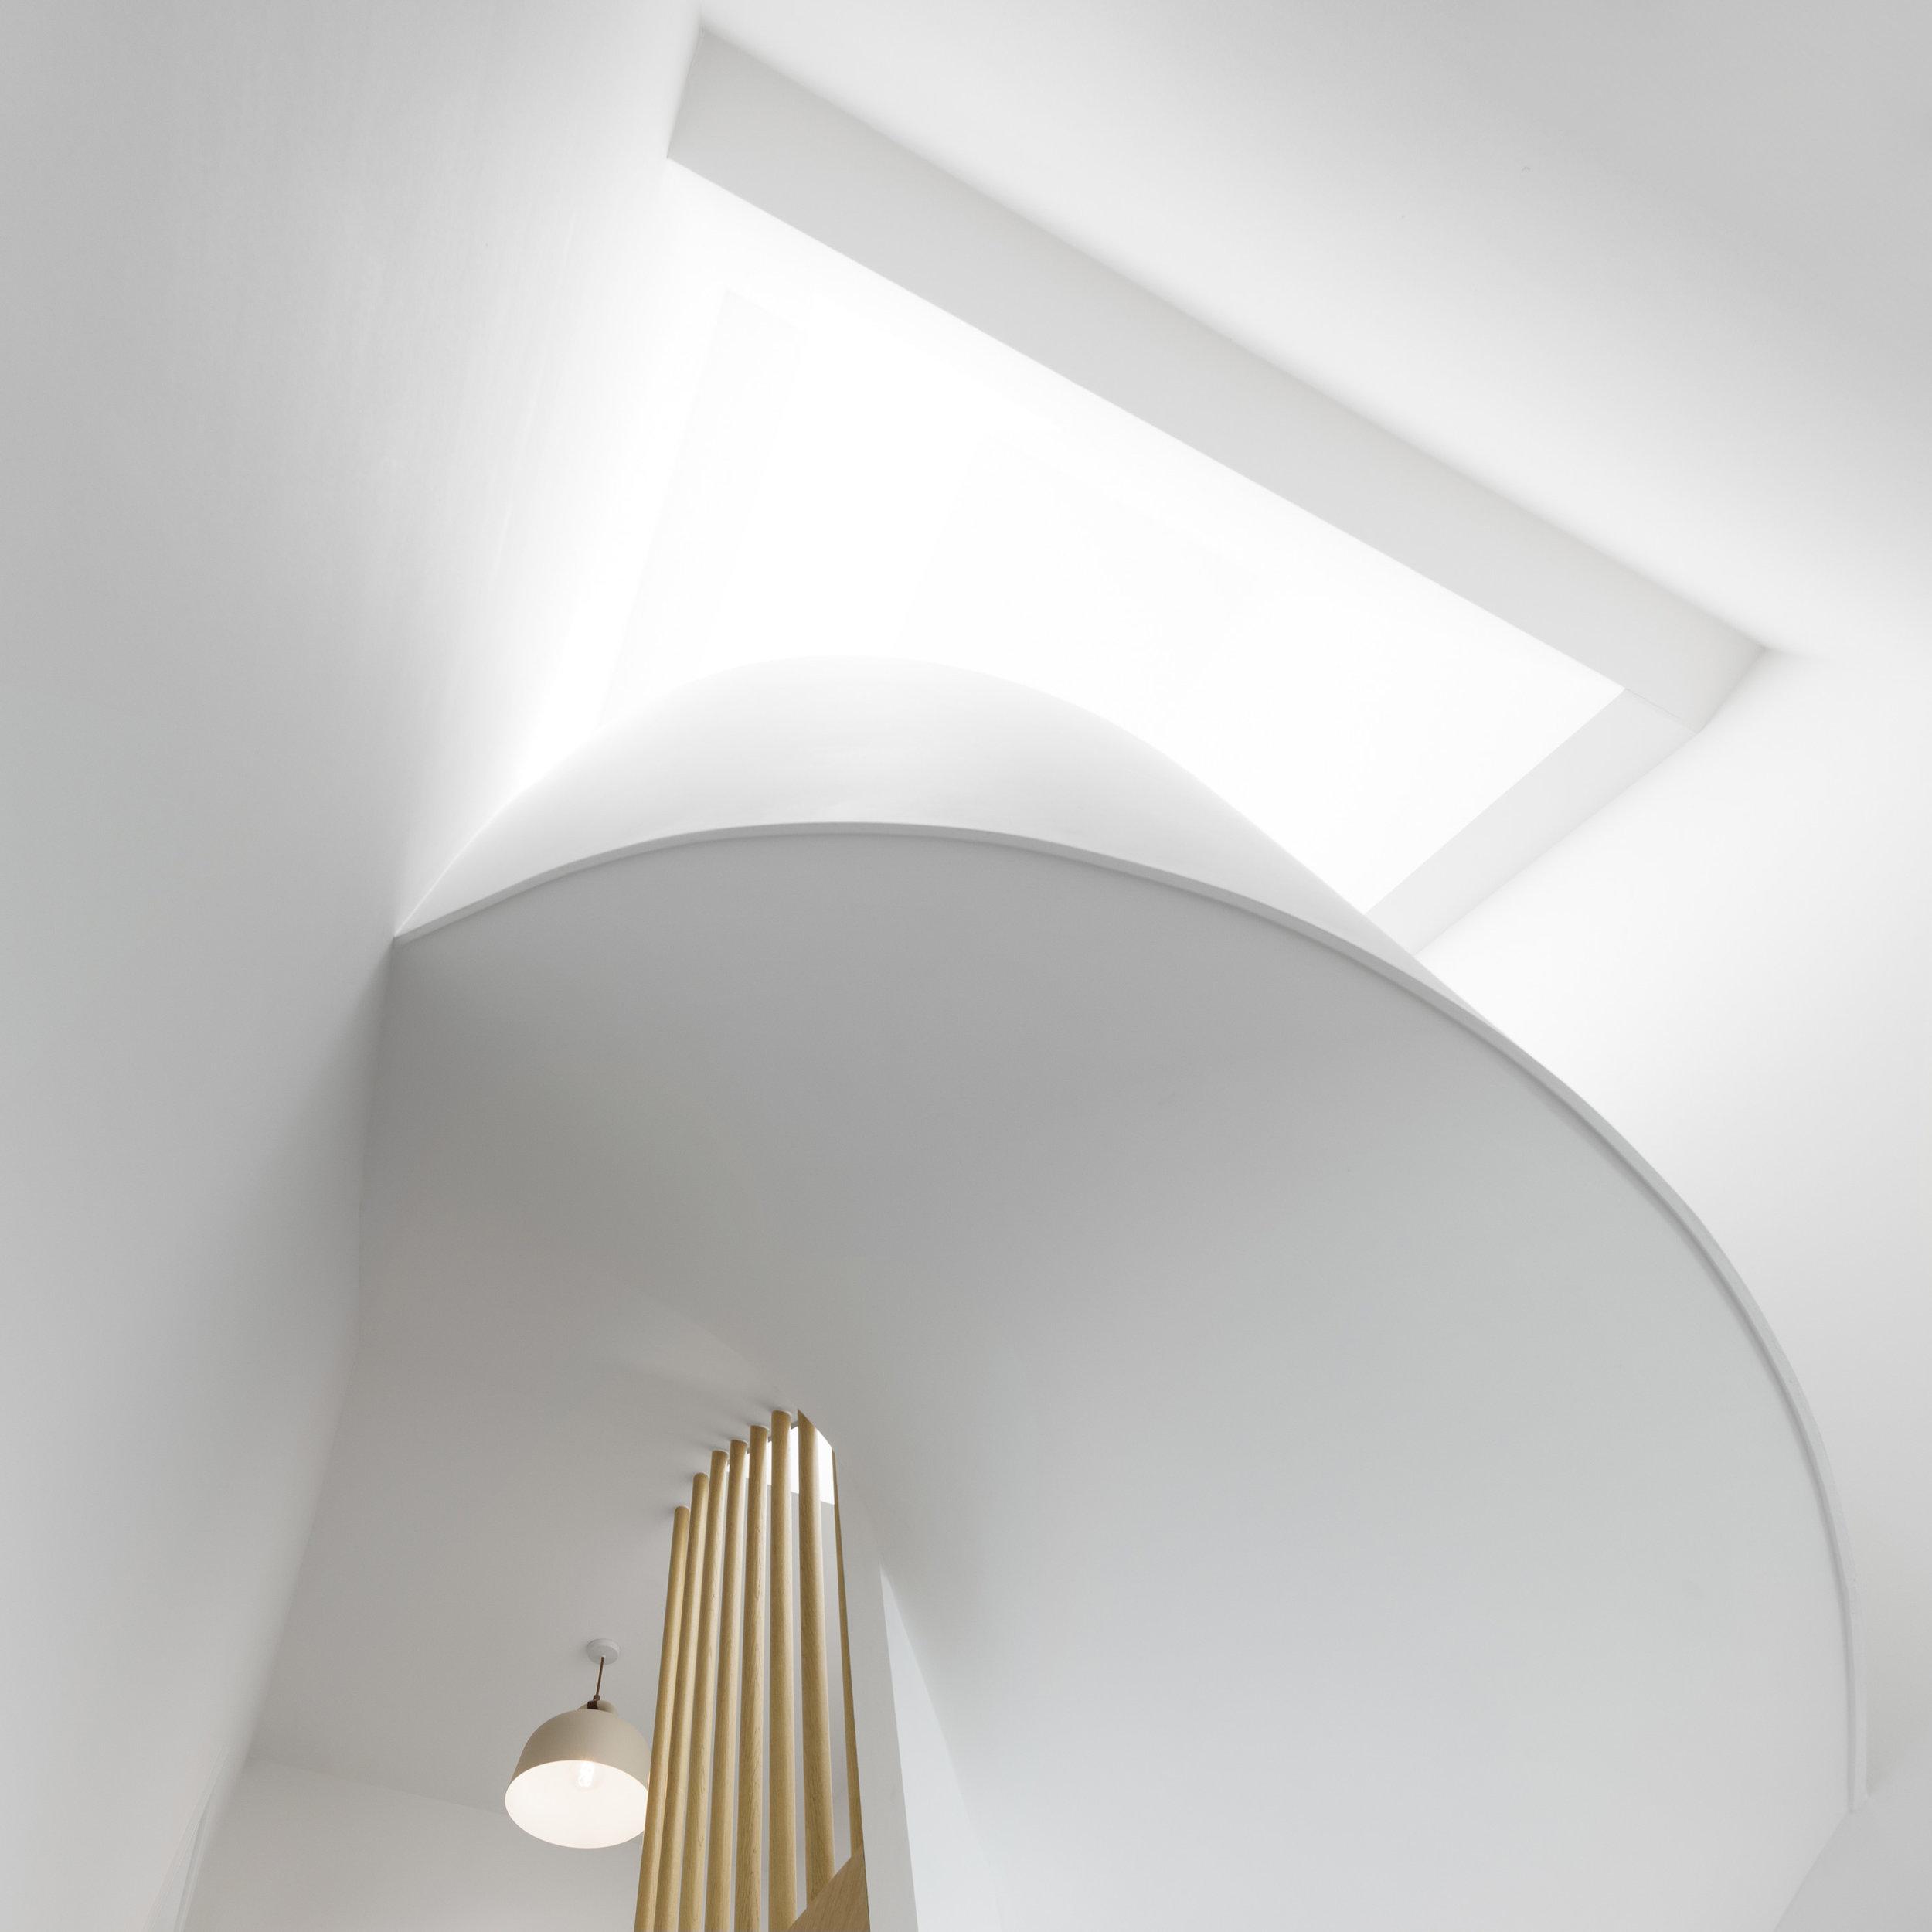 Stair-from-below.jpg